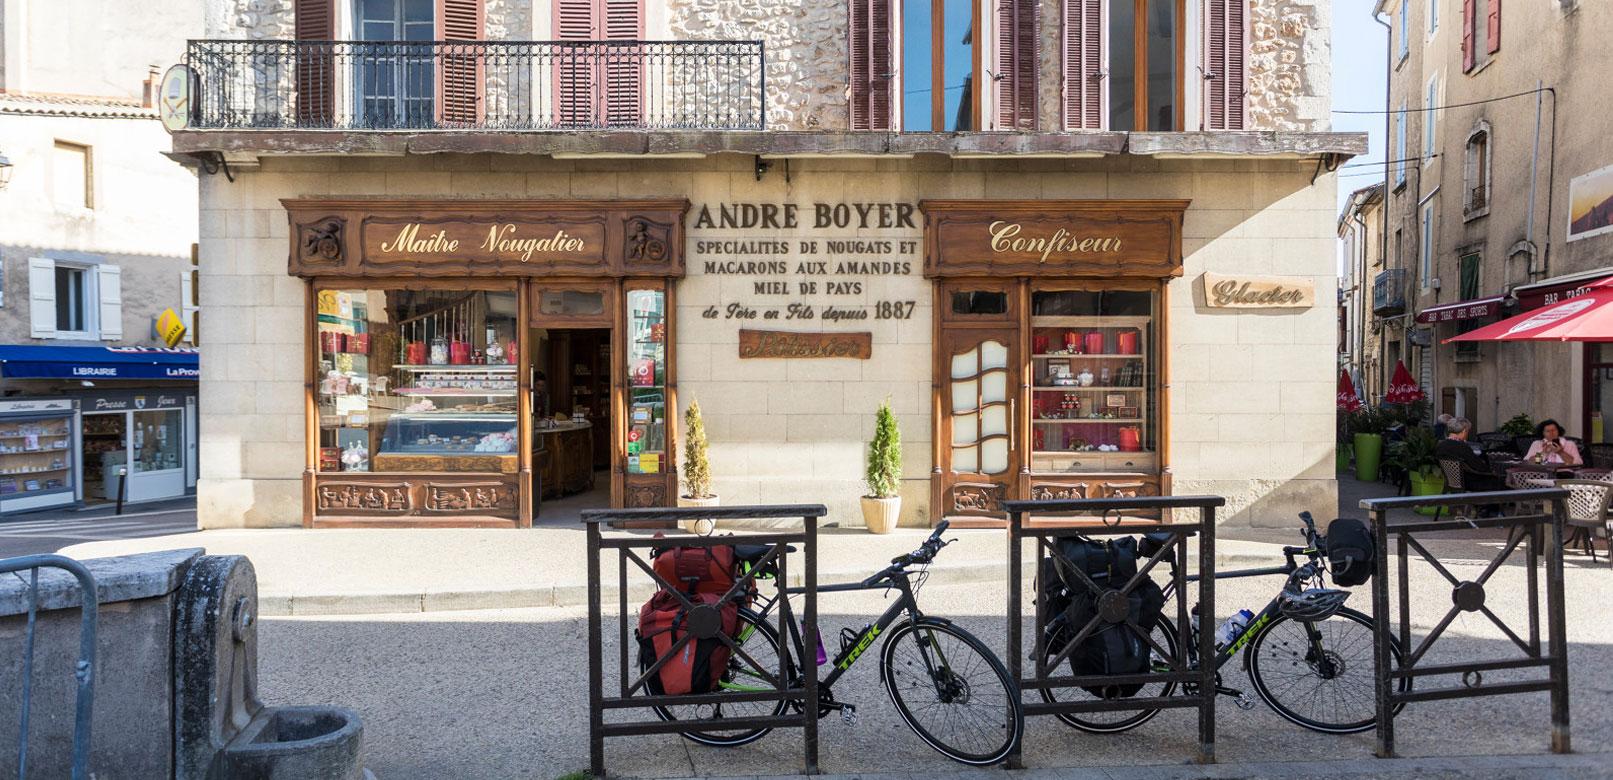 Besichtigungen und Aktivitäten – Radfahren © Rathay